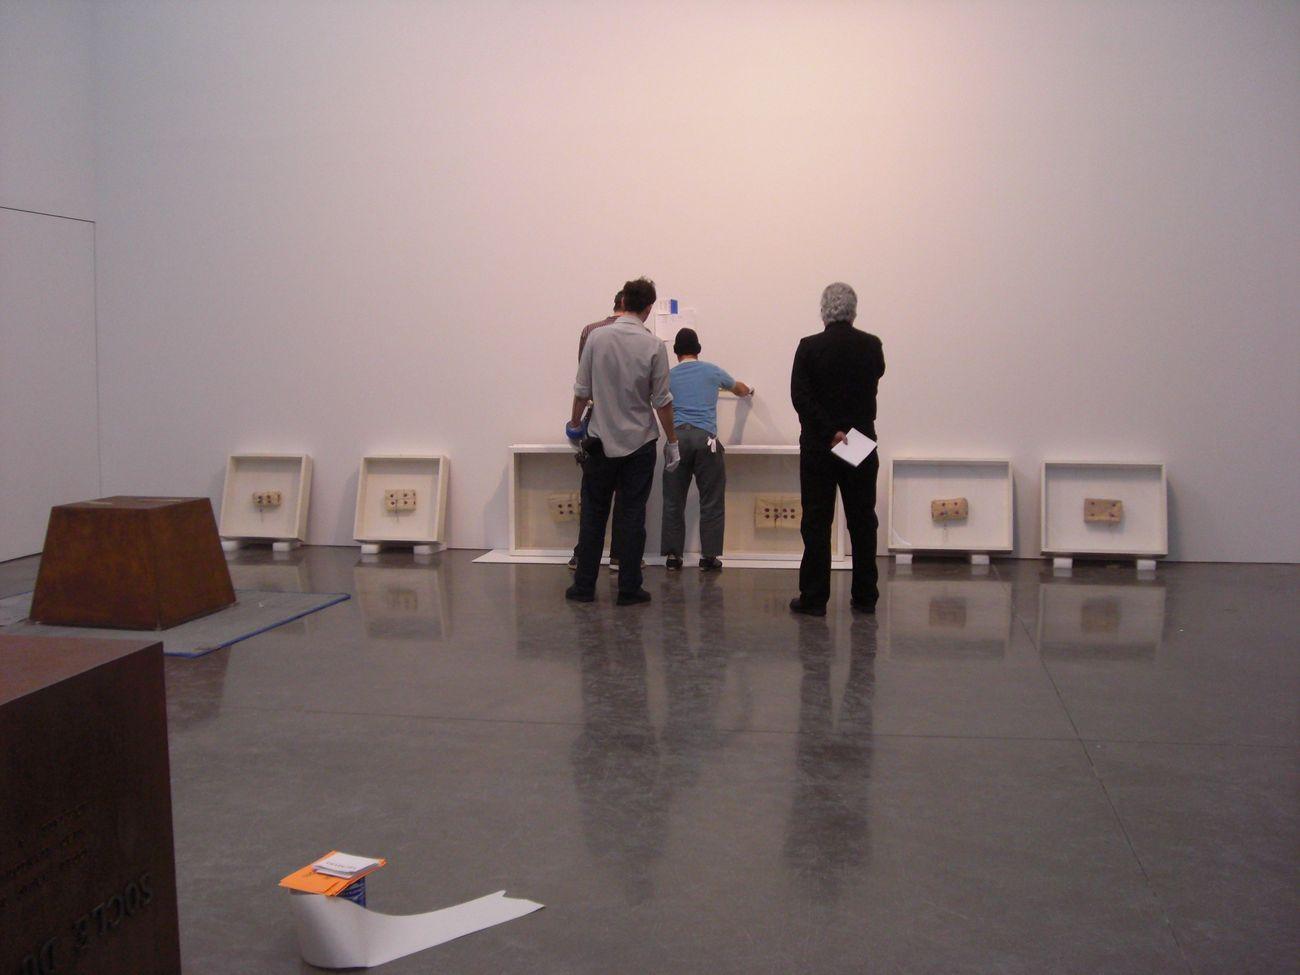 Germano Celant durante l'allestimento della mostra Piero Manzoni, Gagosian Gallery, New York 2009. Photo Rosalia Pasqualino di Marineo, Fondazione Piero Manzoni